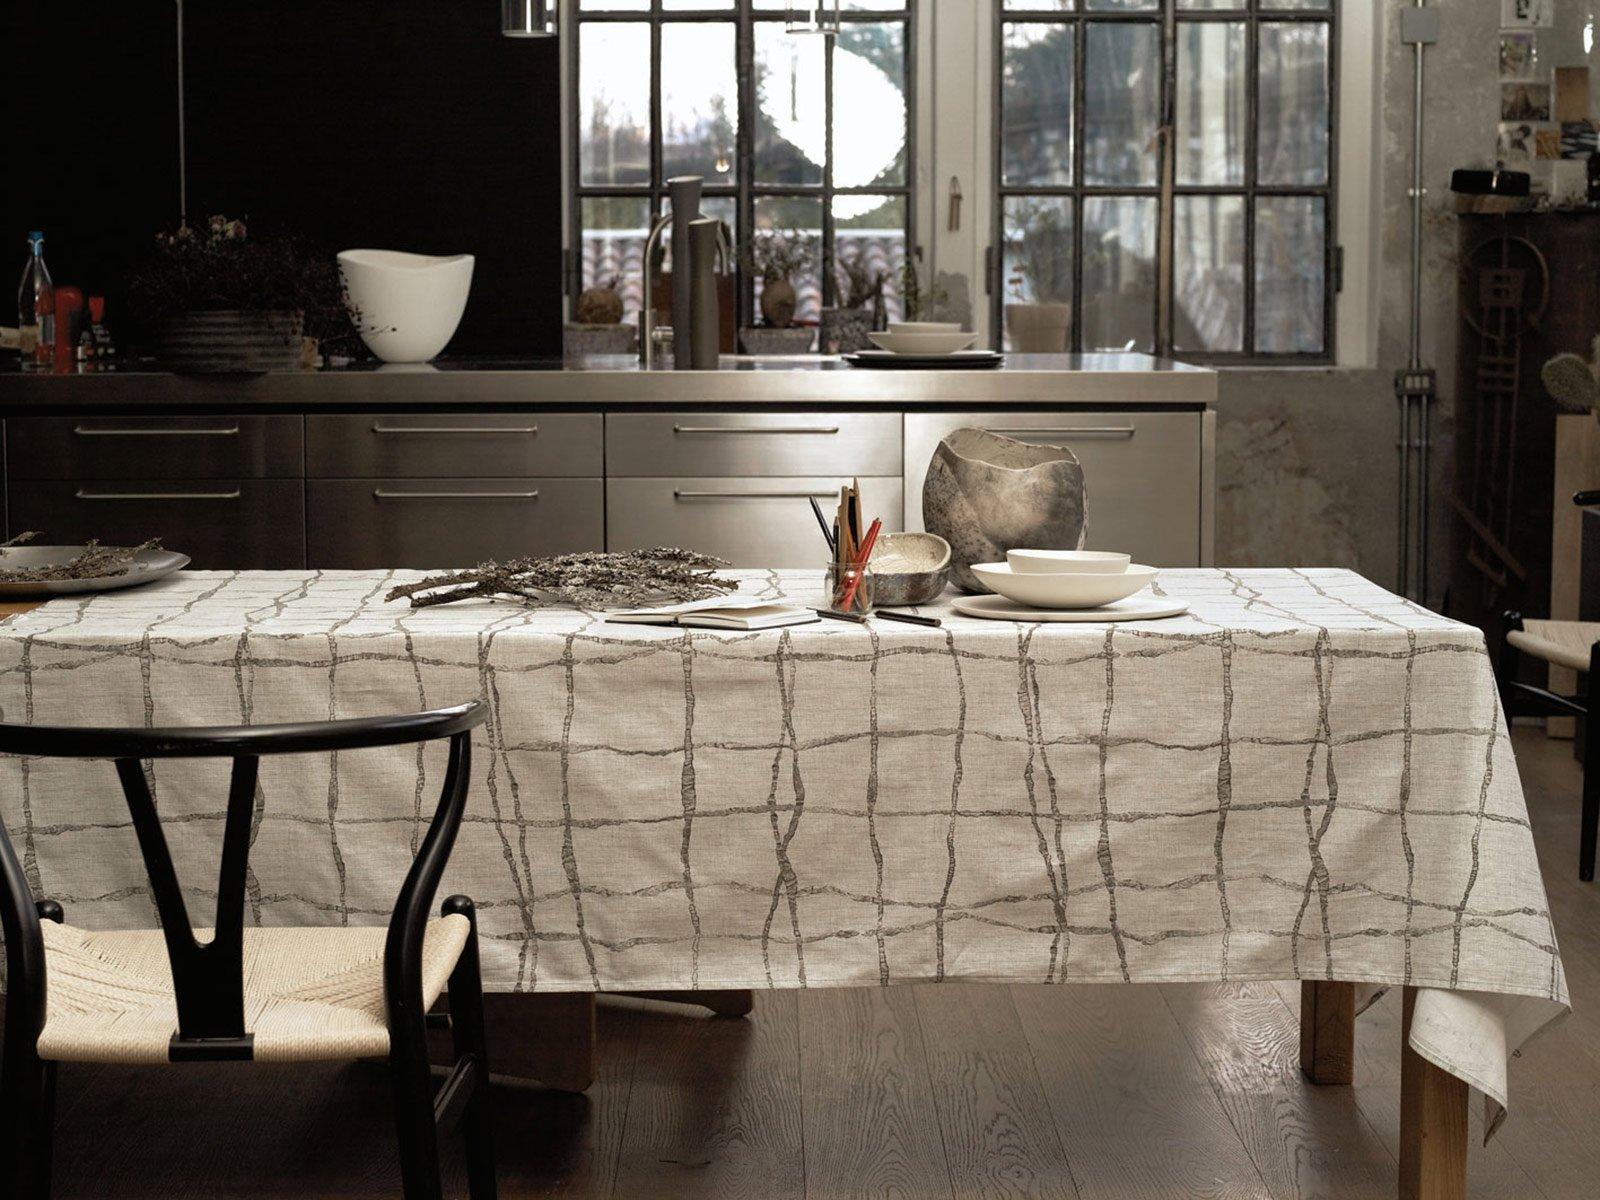 Tovaglie per apparecchiare con fantasia in cucina o in soggiorno cose di casa - Tovaglie da tavola eleganti moderne ...